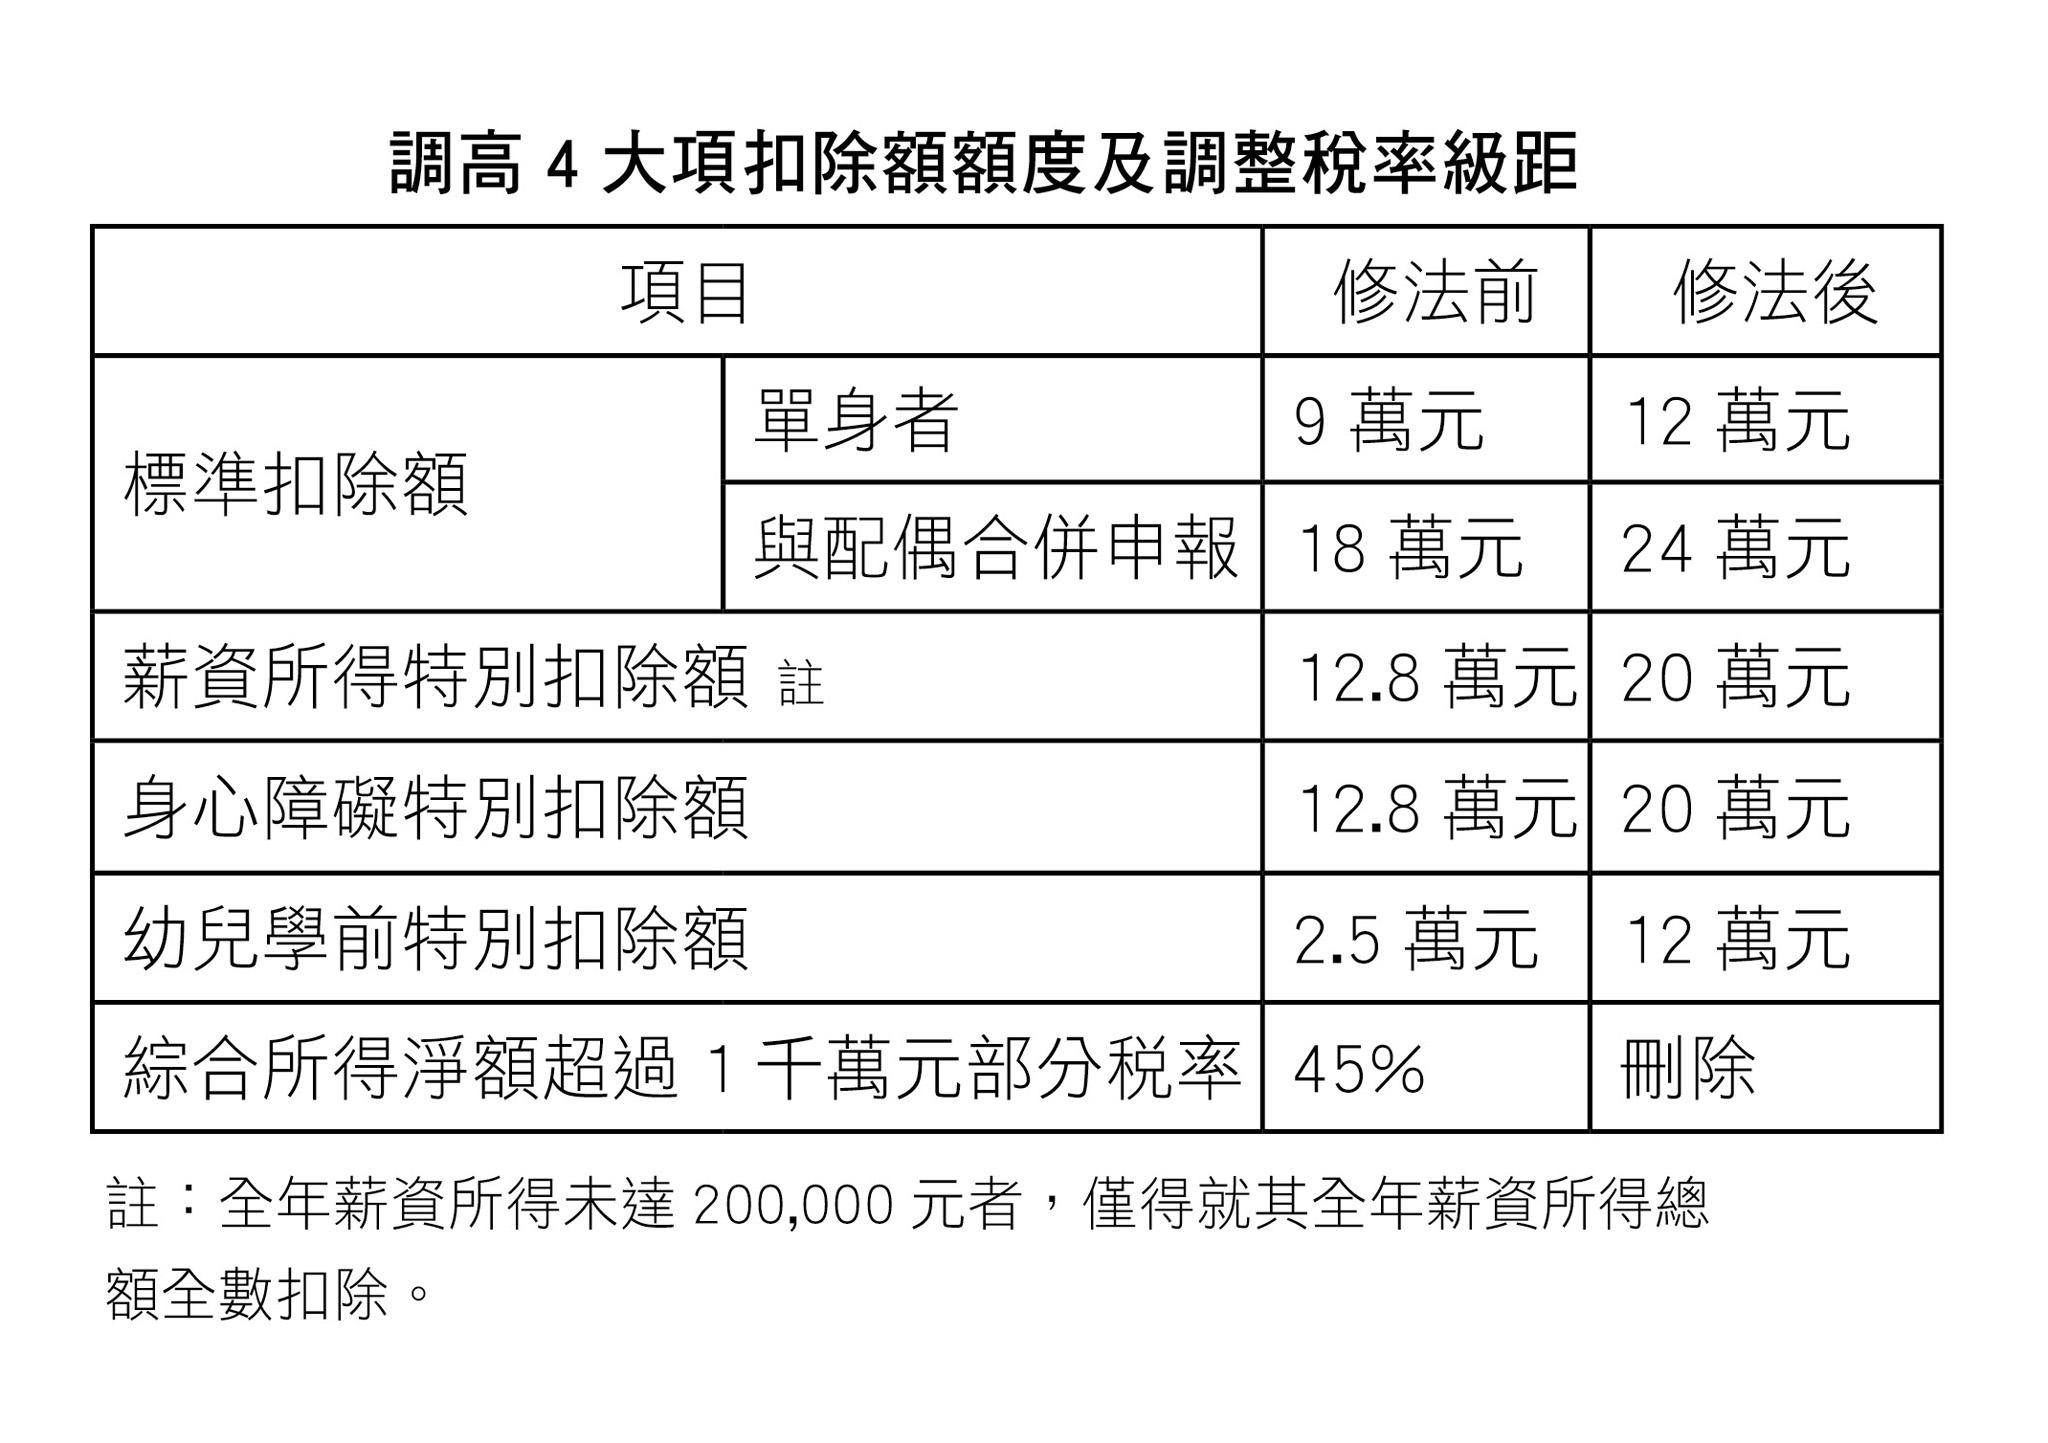 調高4大項扣除額額度及調整稅率級距表。